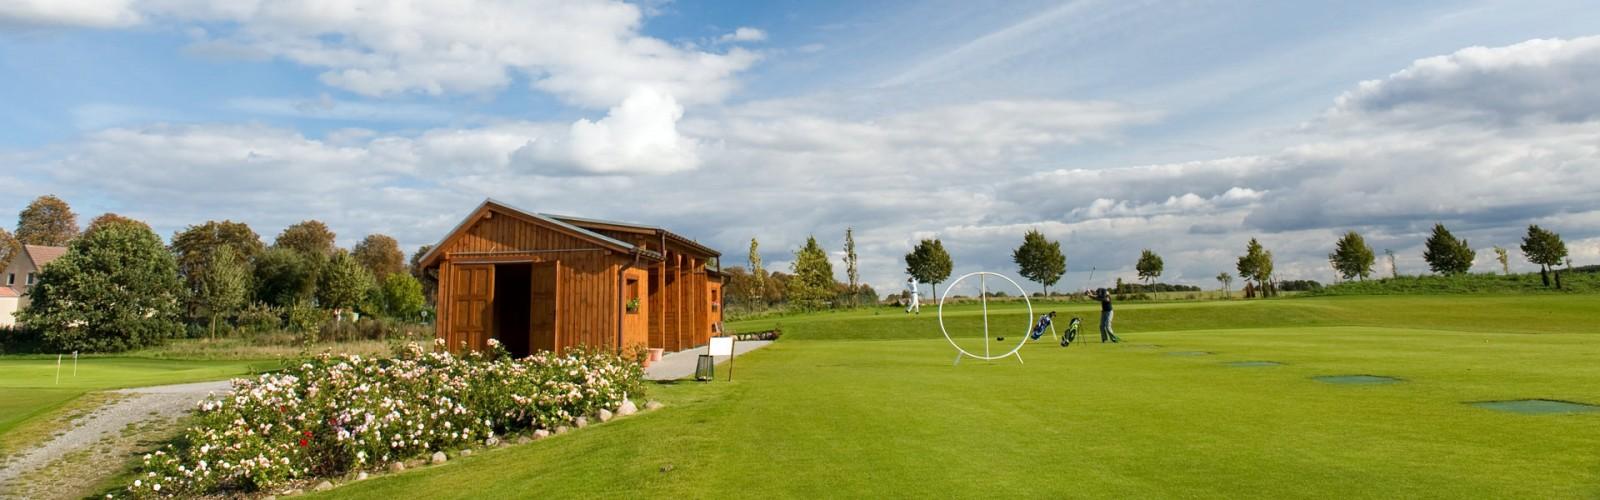 Golf-Uebungsanlage Neun-Loch-Golfplatz